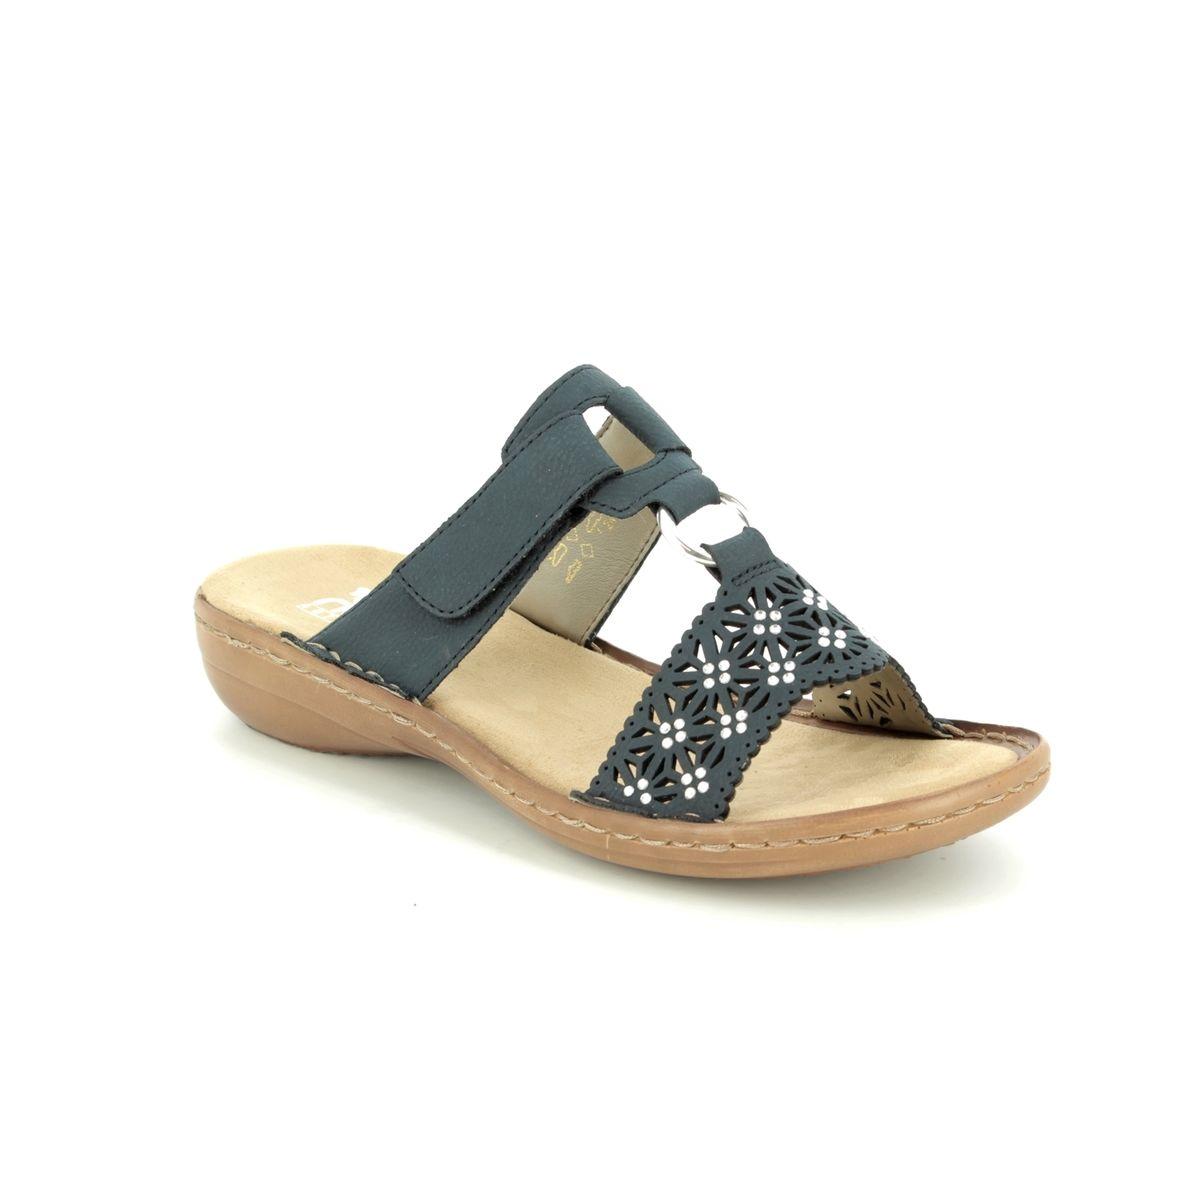 Rieker 60871-14 Navy sandals